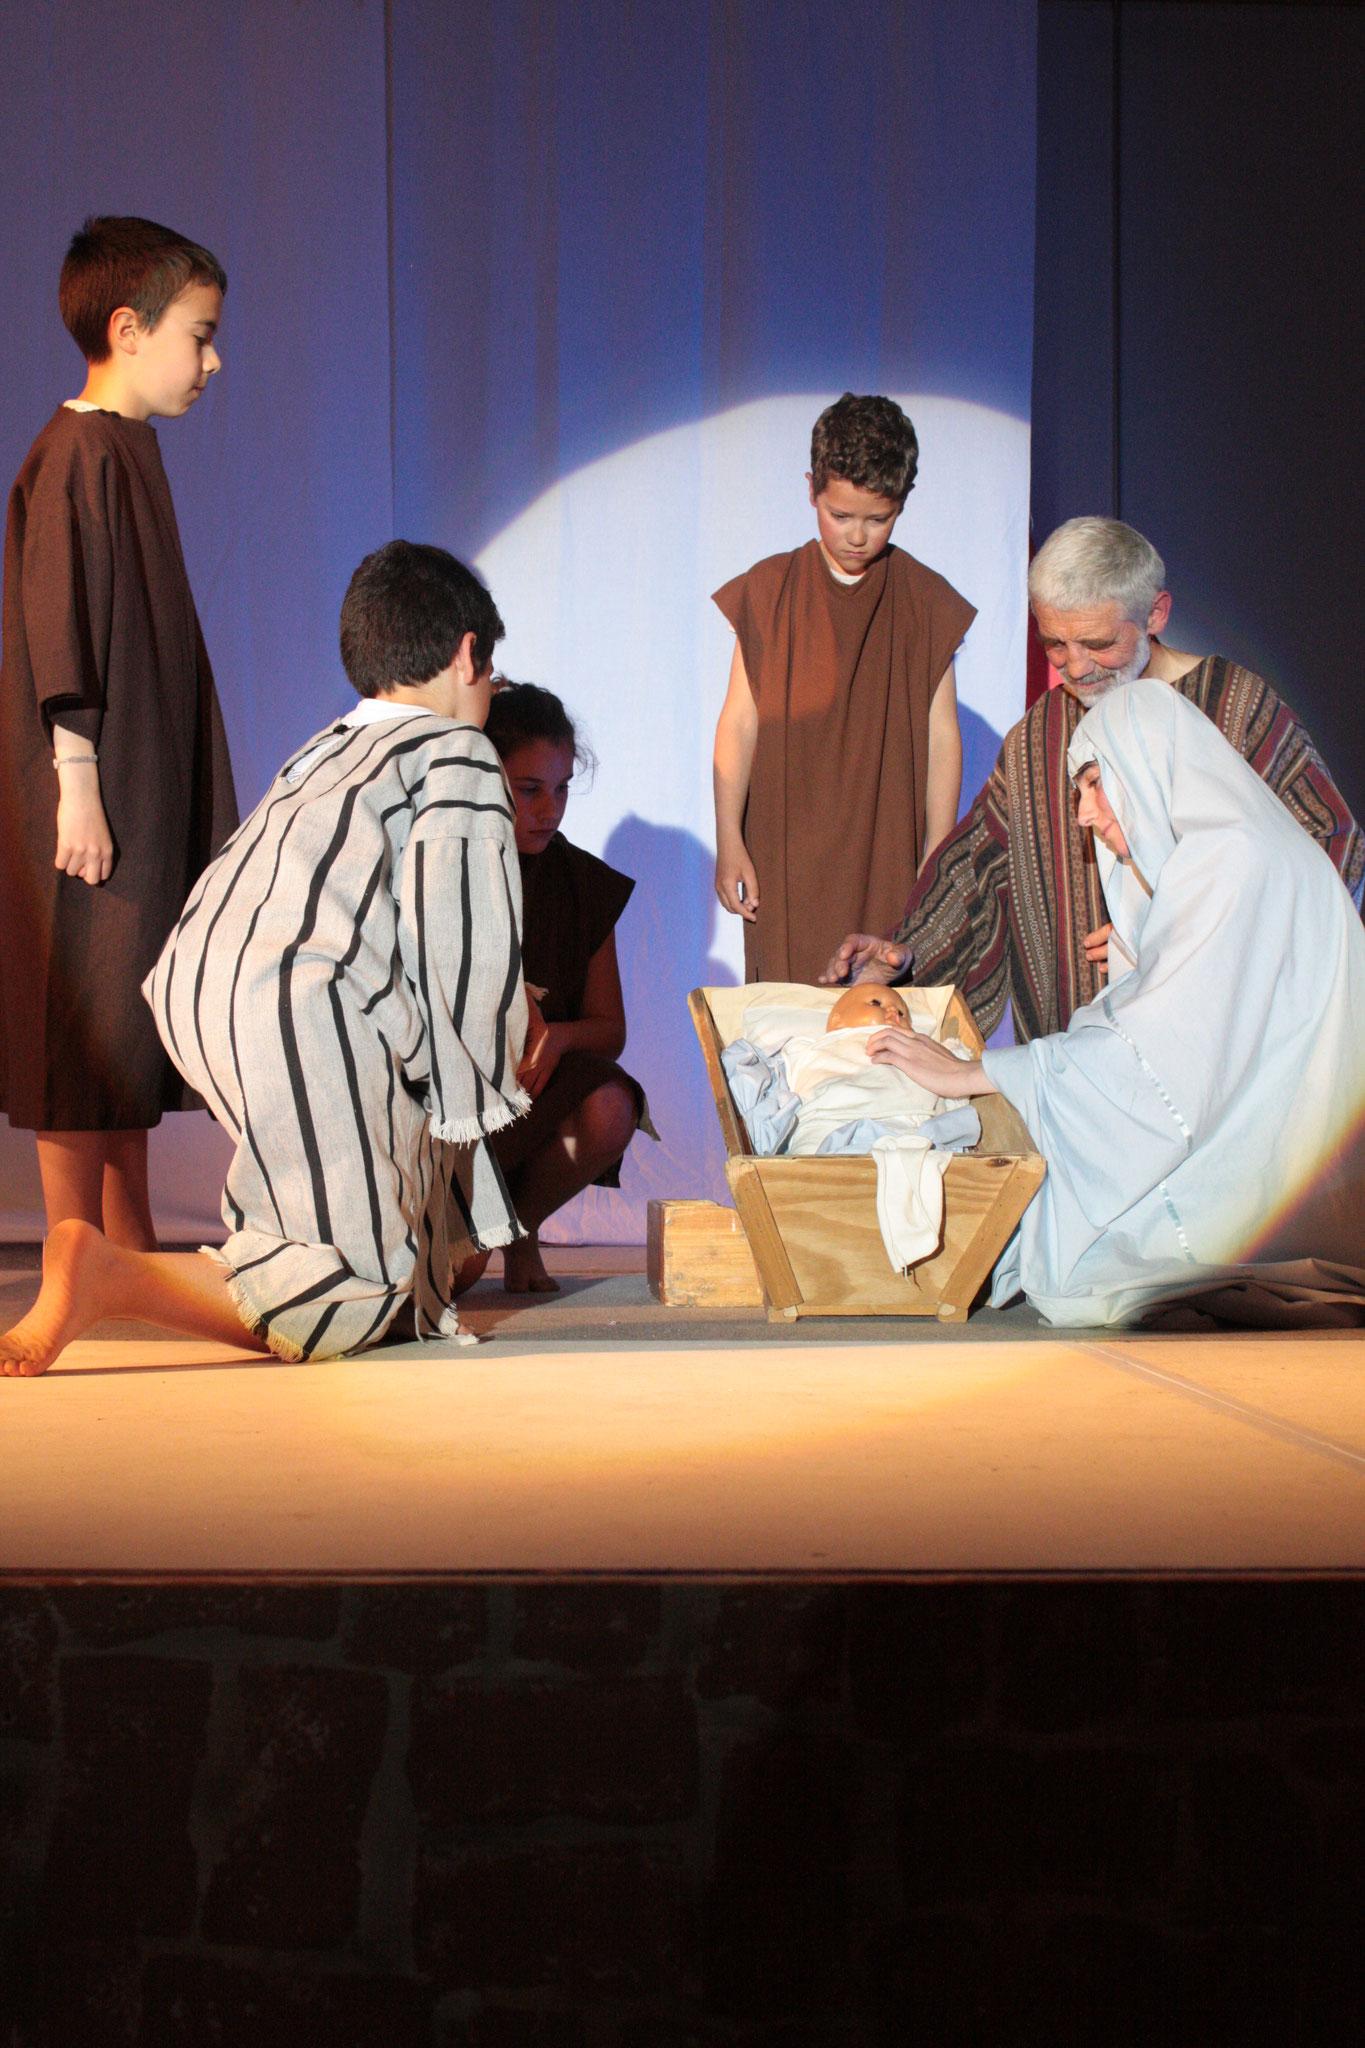 La naissance de Jésus- photo JDR